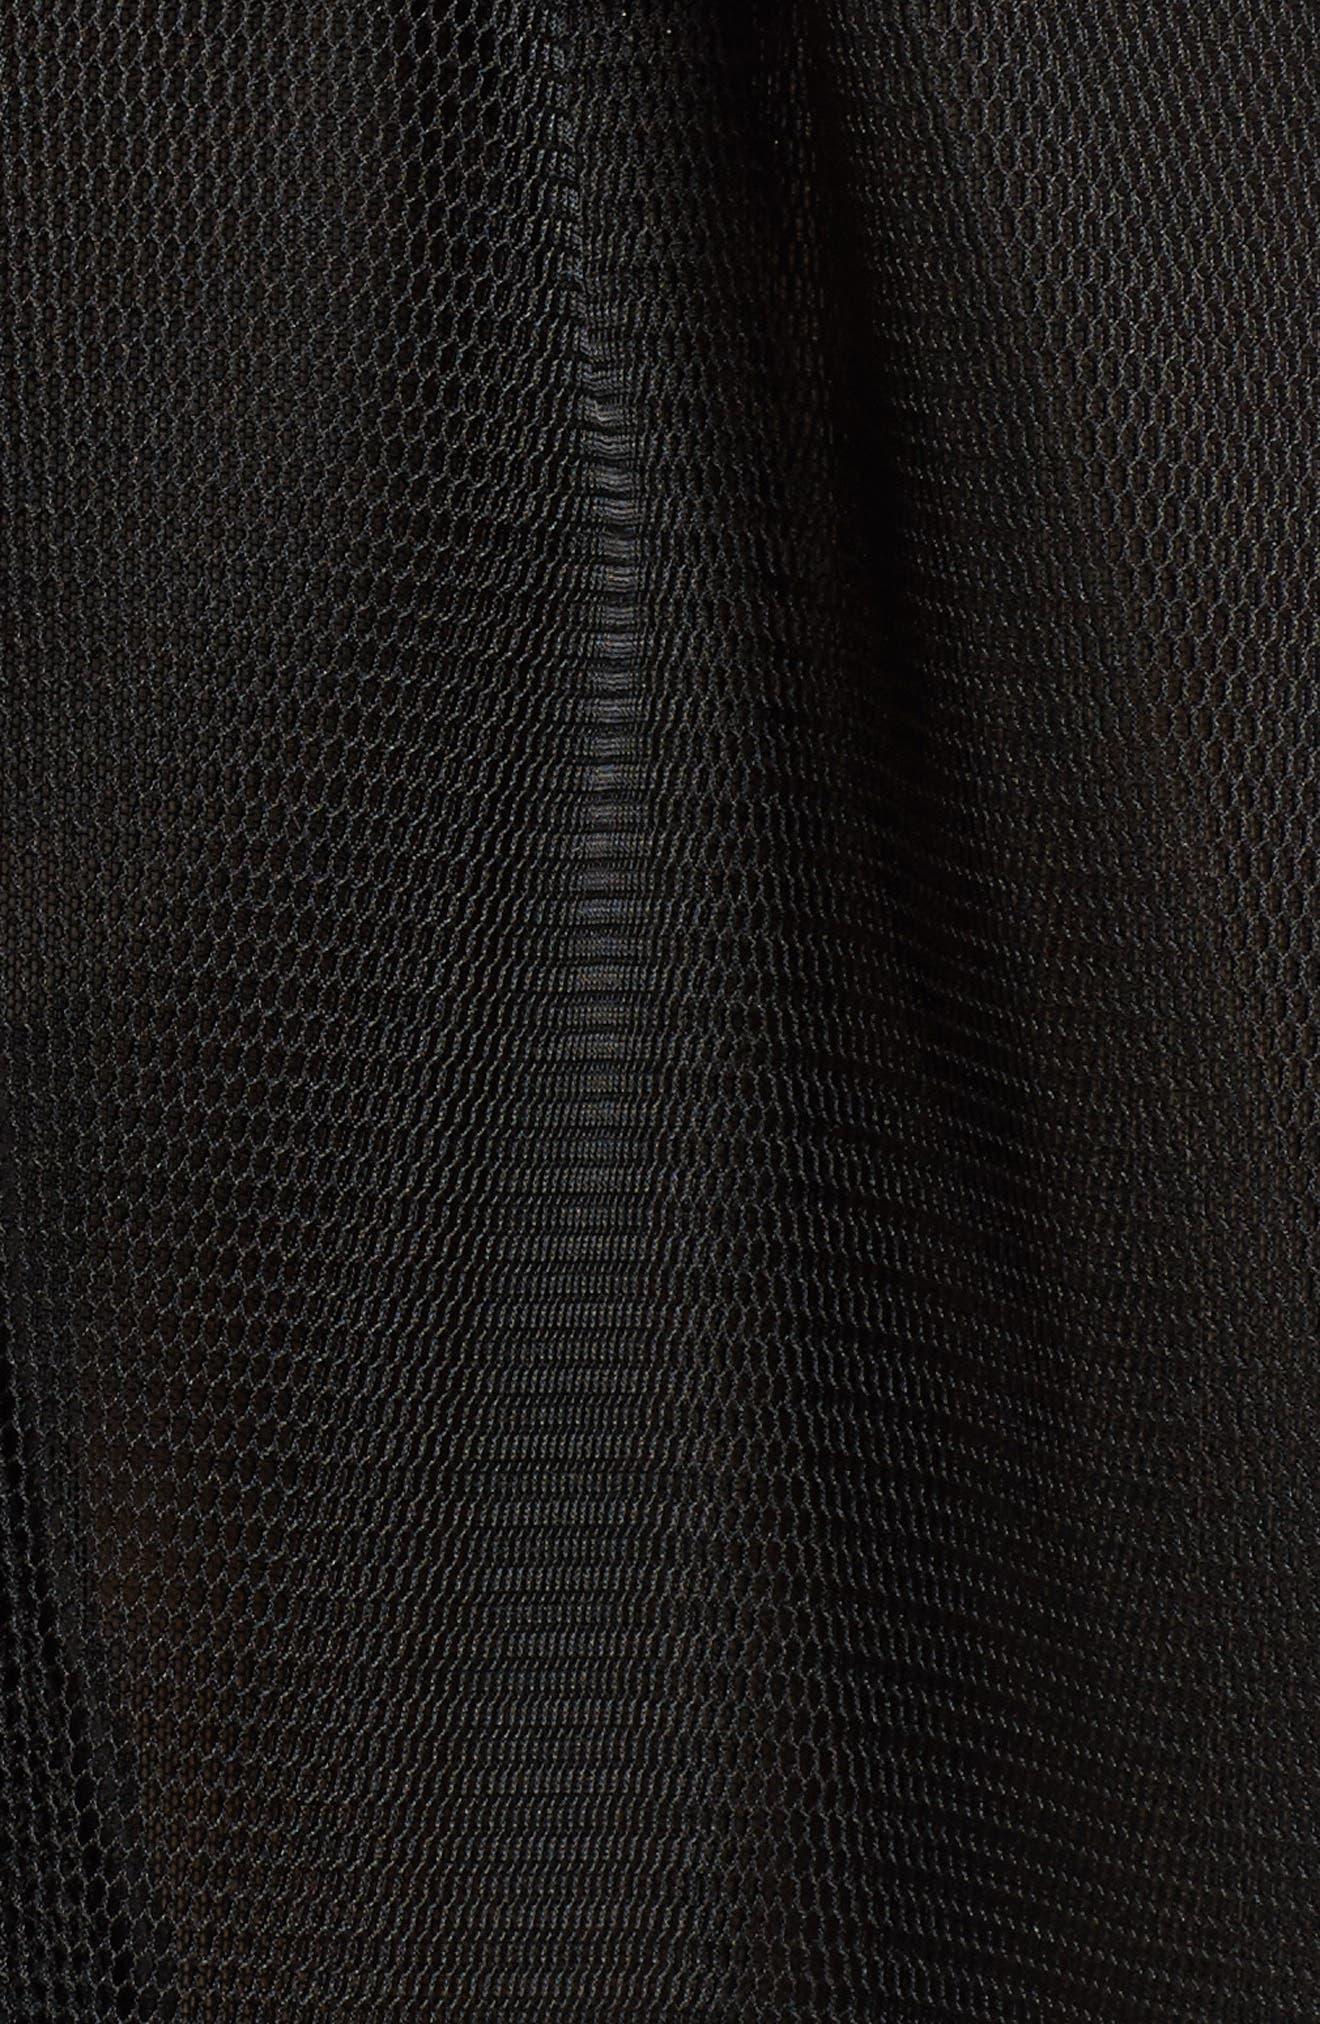 Jewel Fit & Flare Dress,                             Alternate thumbnail 5, color,                             Black